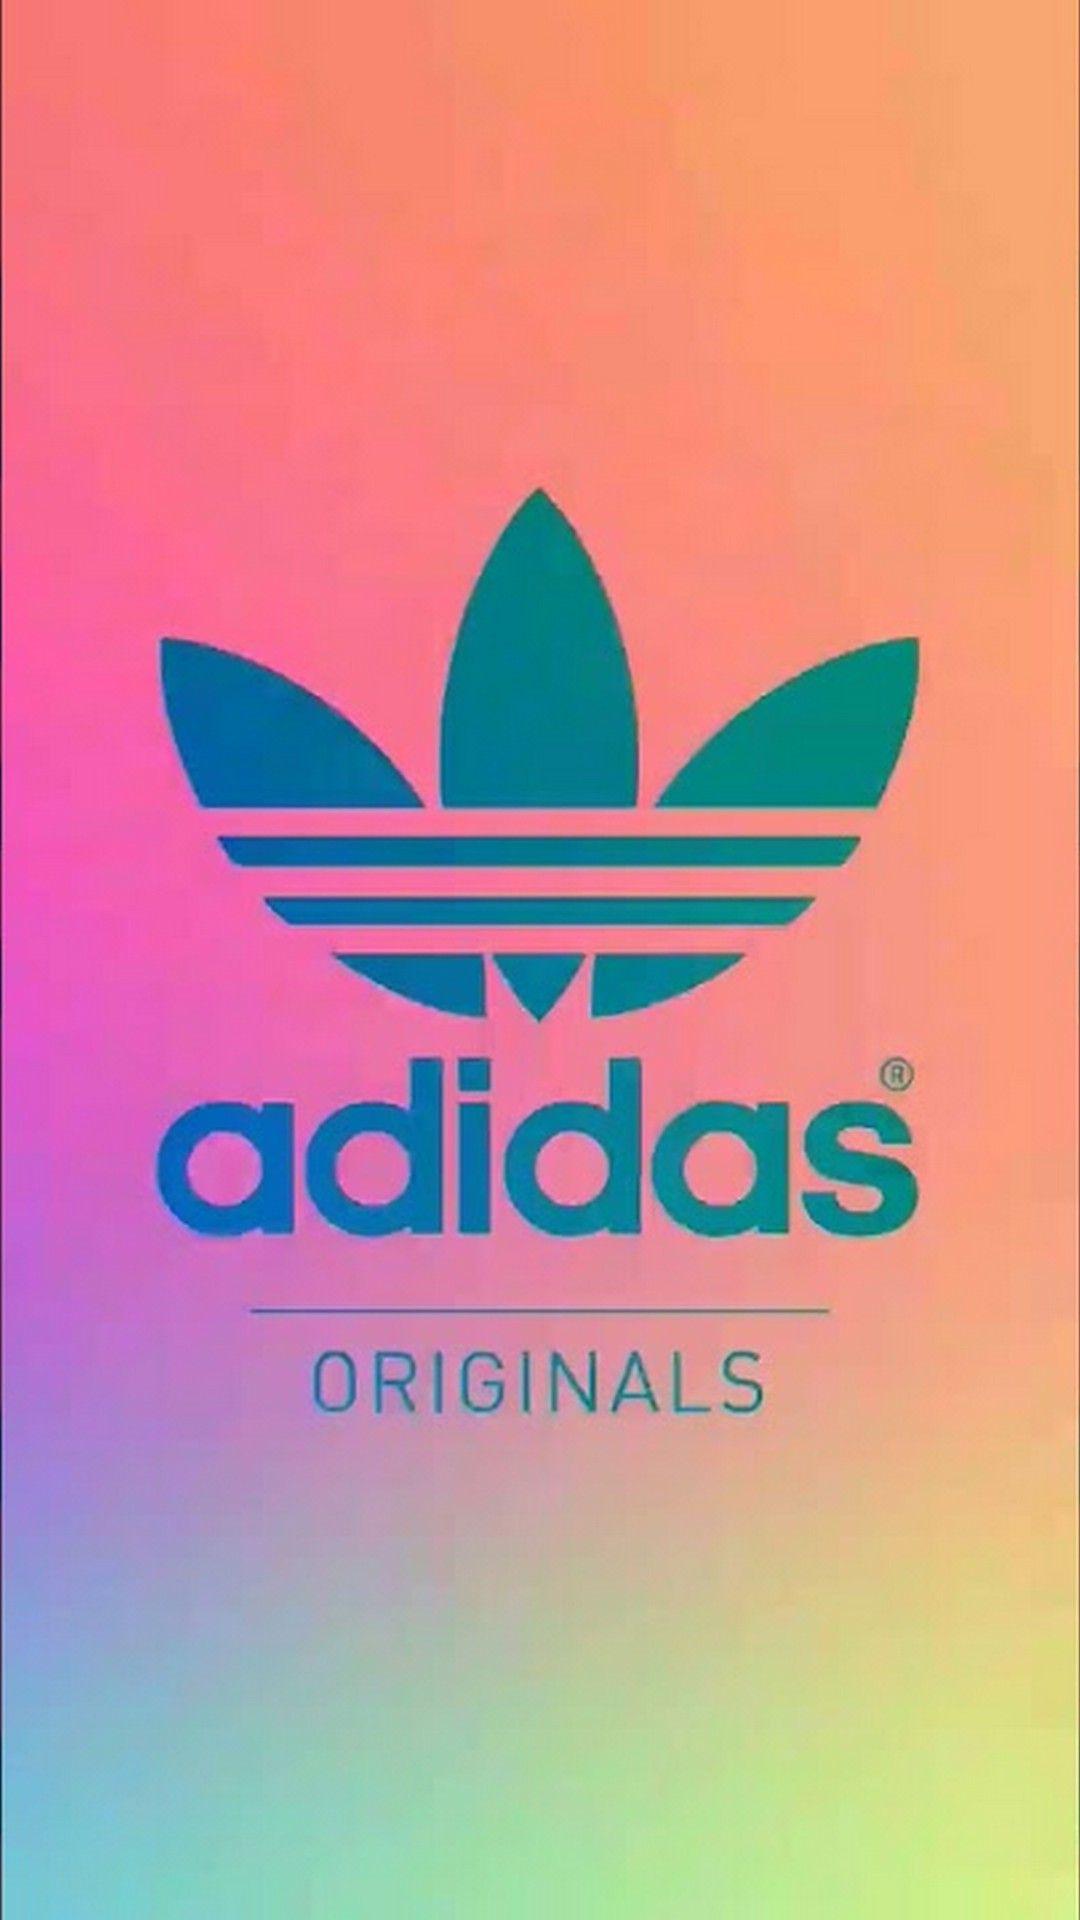 Iphone X Wallpaper Adidas Best Wallpaper Hd Adidas Wallpaper Iphone Adidas Wallpapers Adidas Iphone Wallpaper Adidas wallpaper iphone x